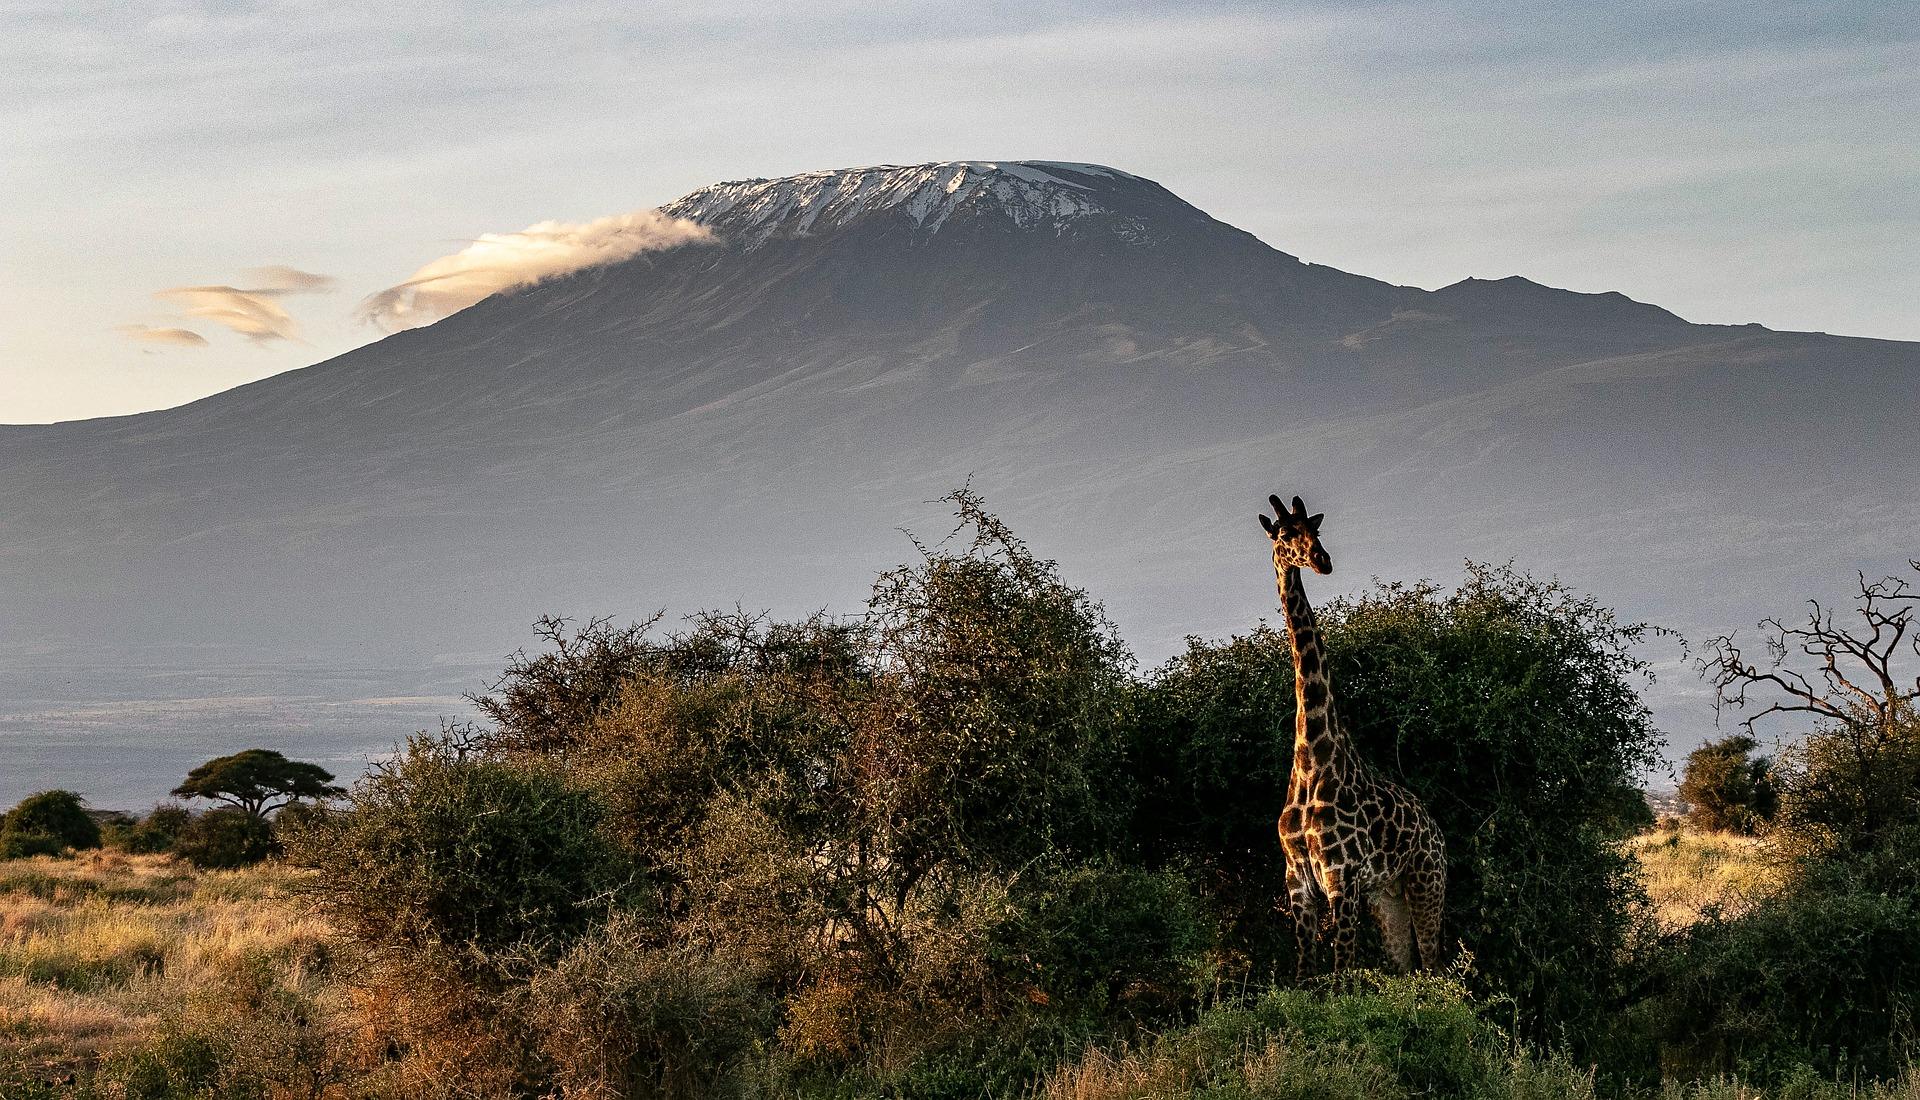 Esporte de aventura: Escalada ao Monte Kilimanjaro